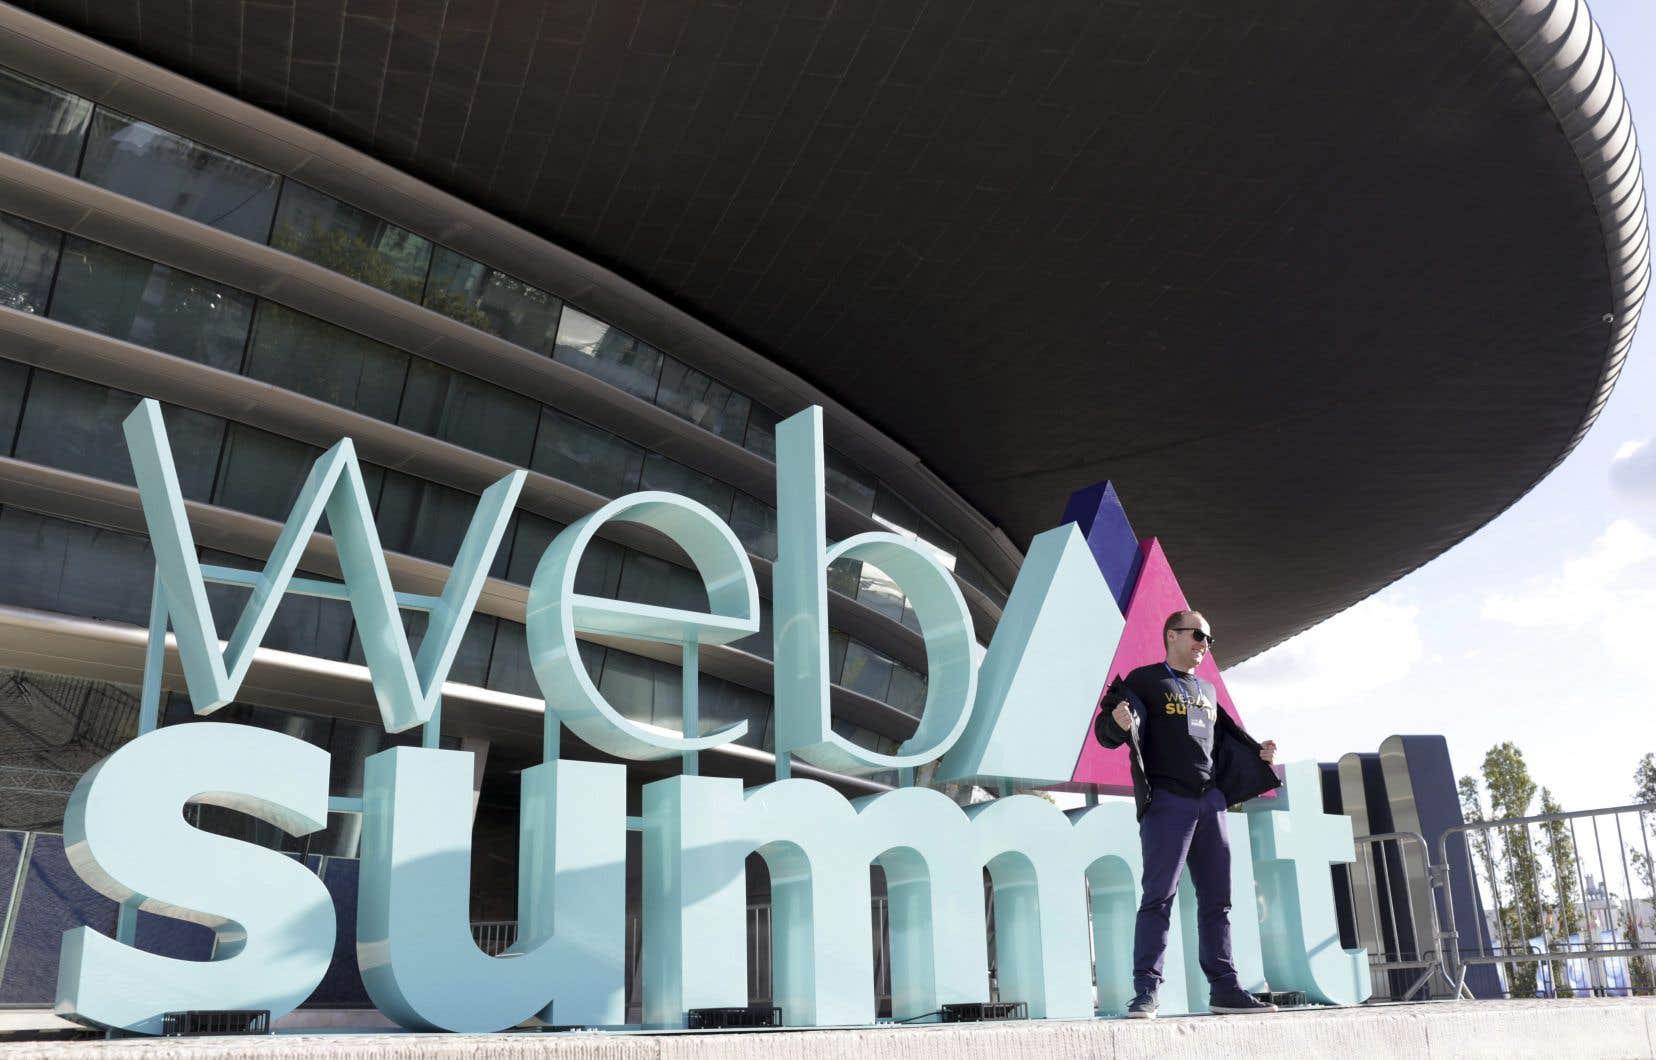 L'édition 2018 du «Davos des geeks» doit accueillir environ 70000 participants, dont 2000 «start-ups» et 1500 investisseurs à la recherche de partenaires.